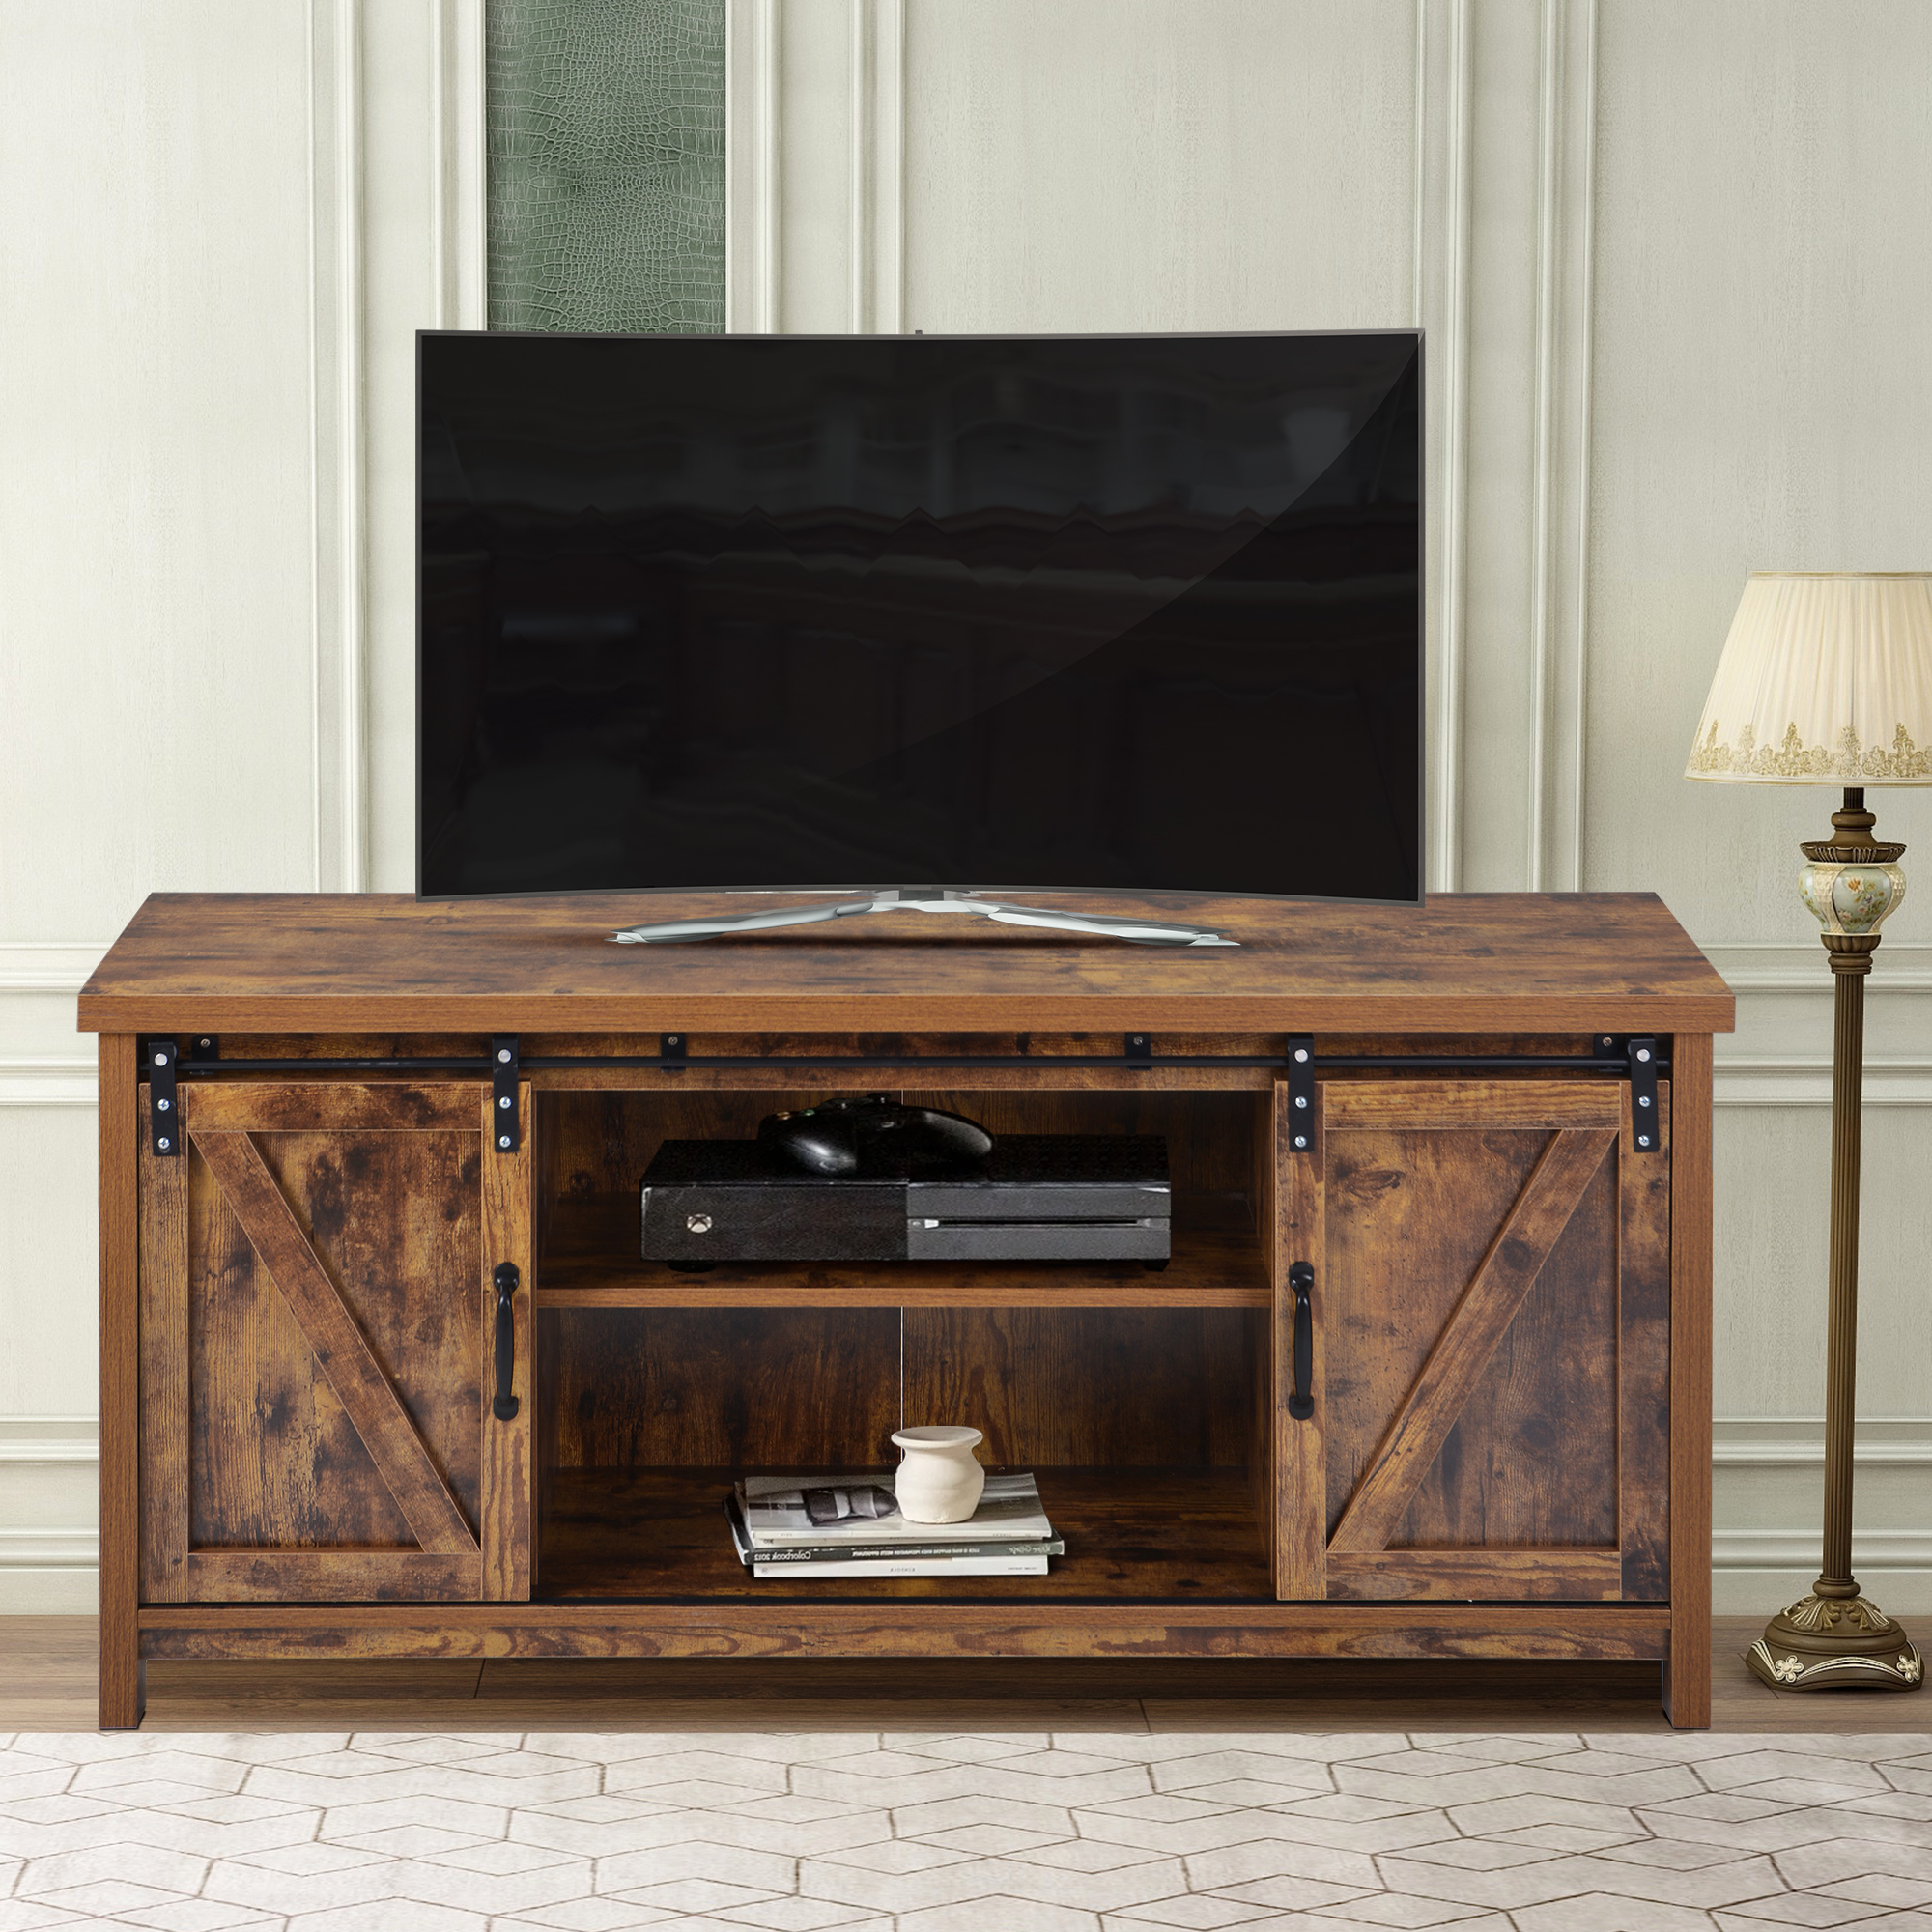 Urhomepro Corner Tv Stand, Modern Farmhouse Barn Door Tv Intended For Barn Door Wood Tv Stands (View 4 of 20)